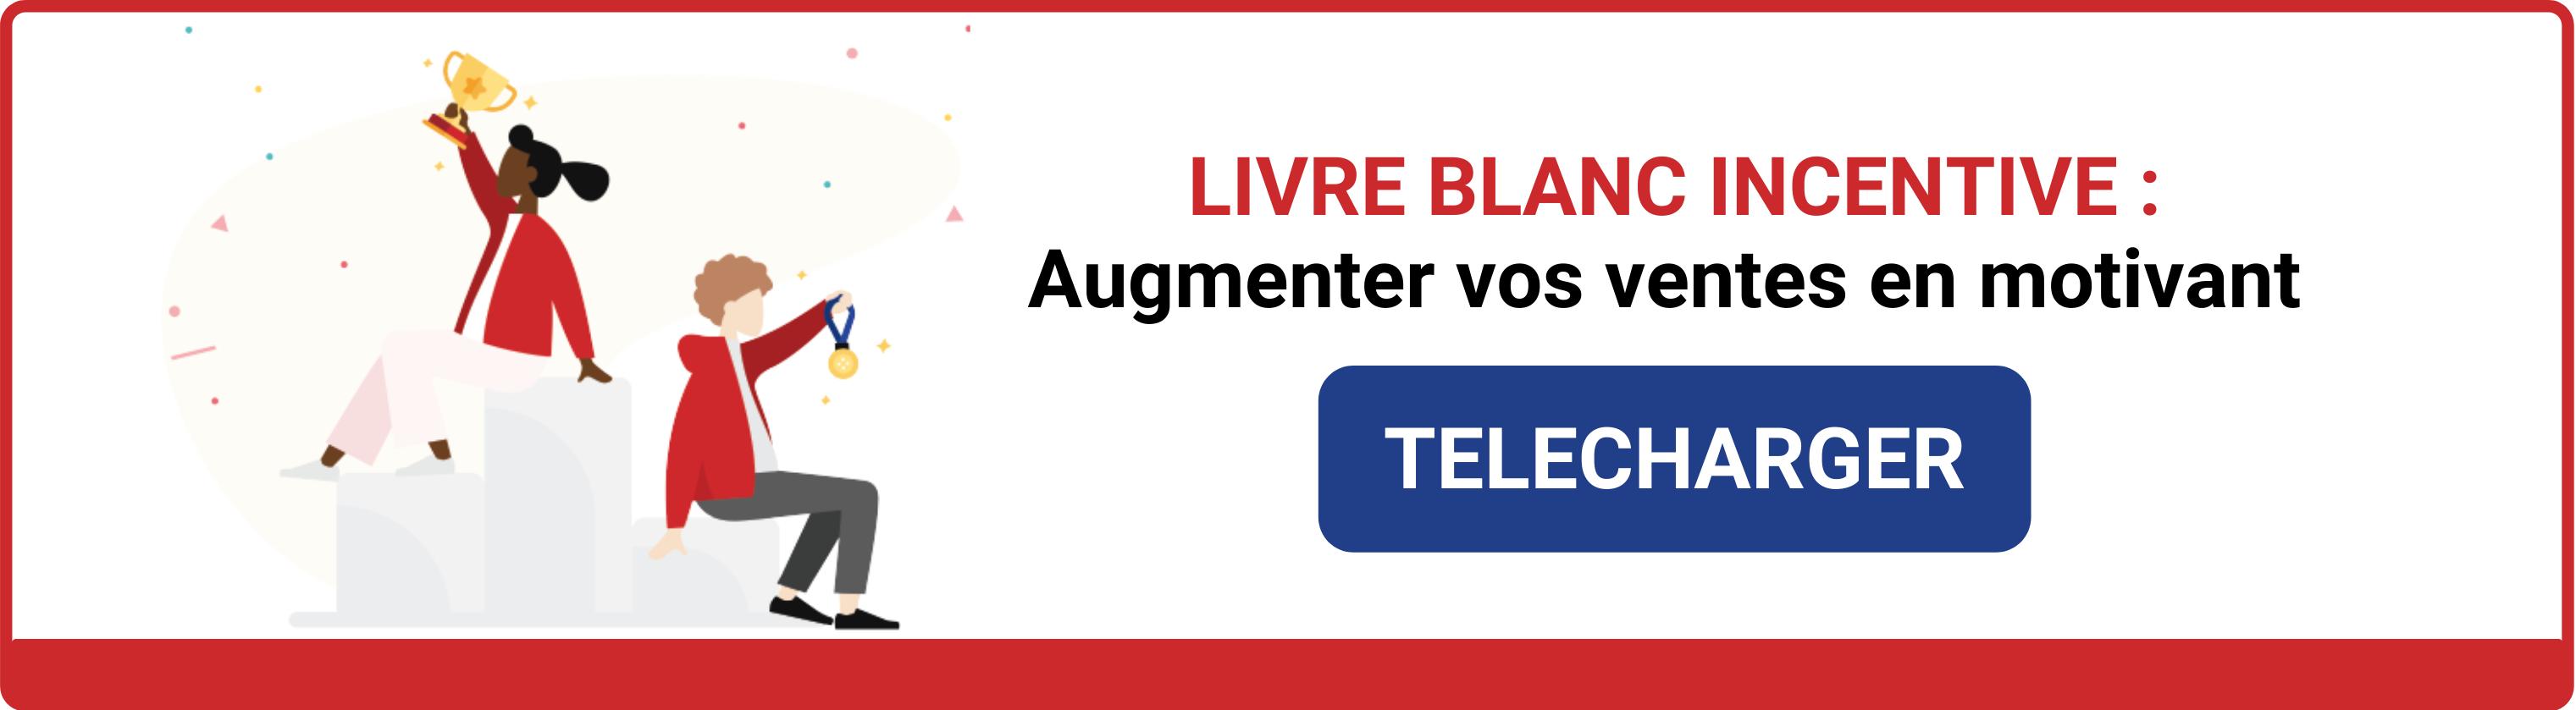 Telecharger-Livre-Blanc-Incentive